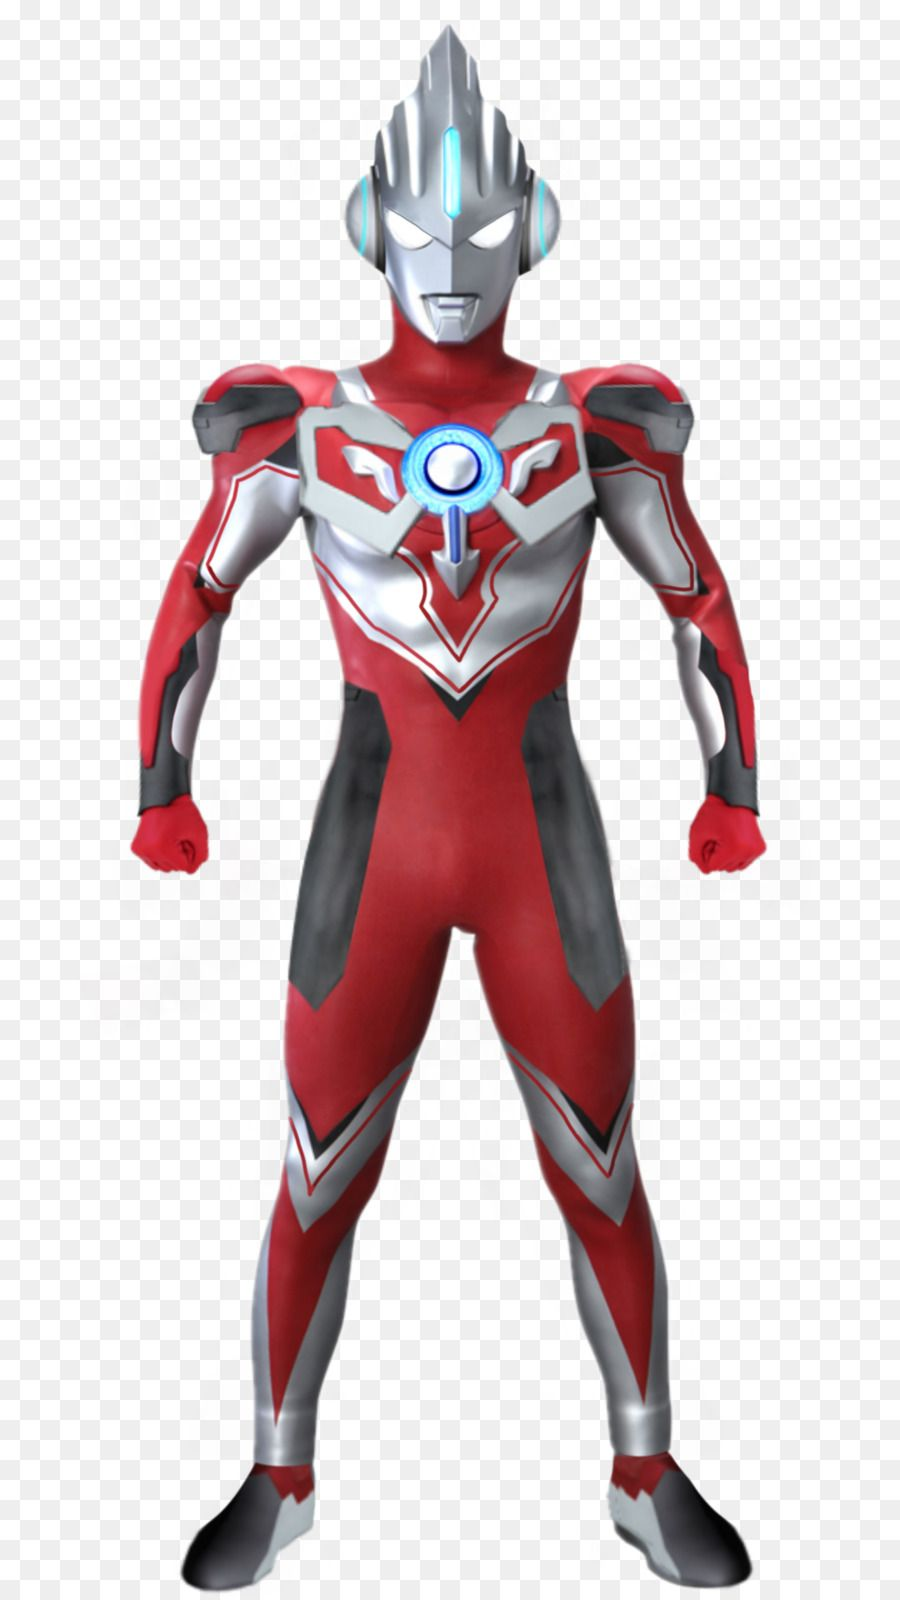 Seri Kamen Rider Tokusatsu Ultraman Zero Ultra Seri Karakter